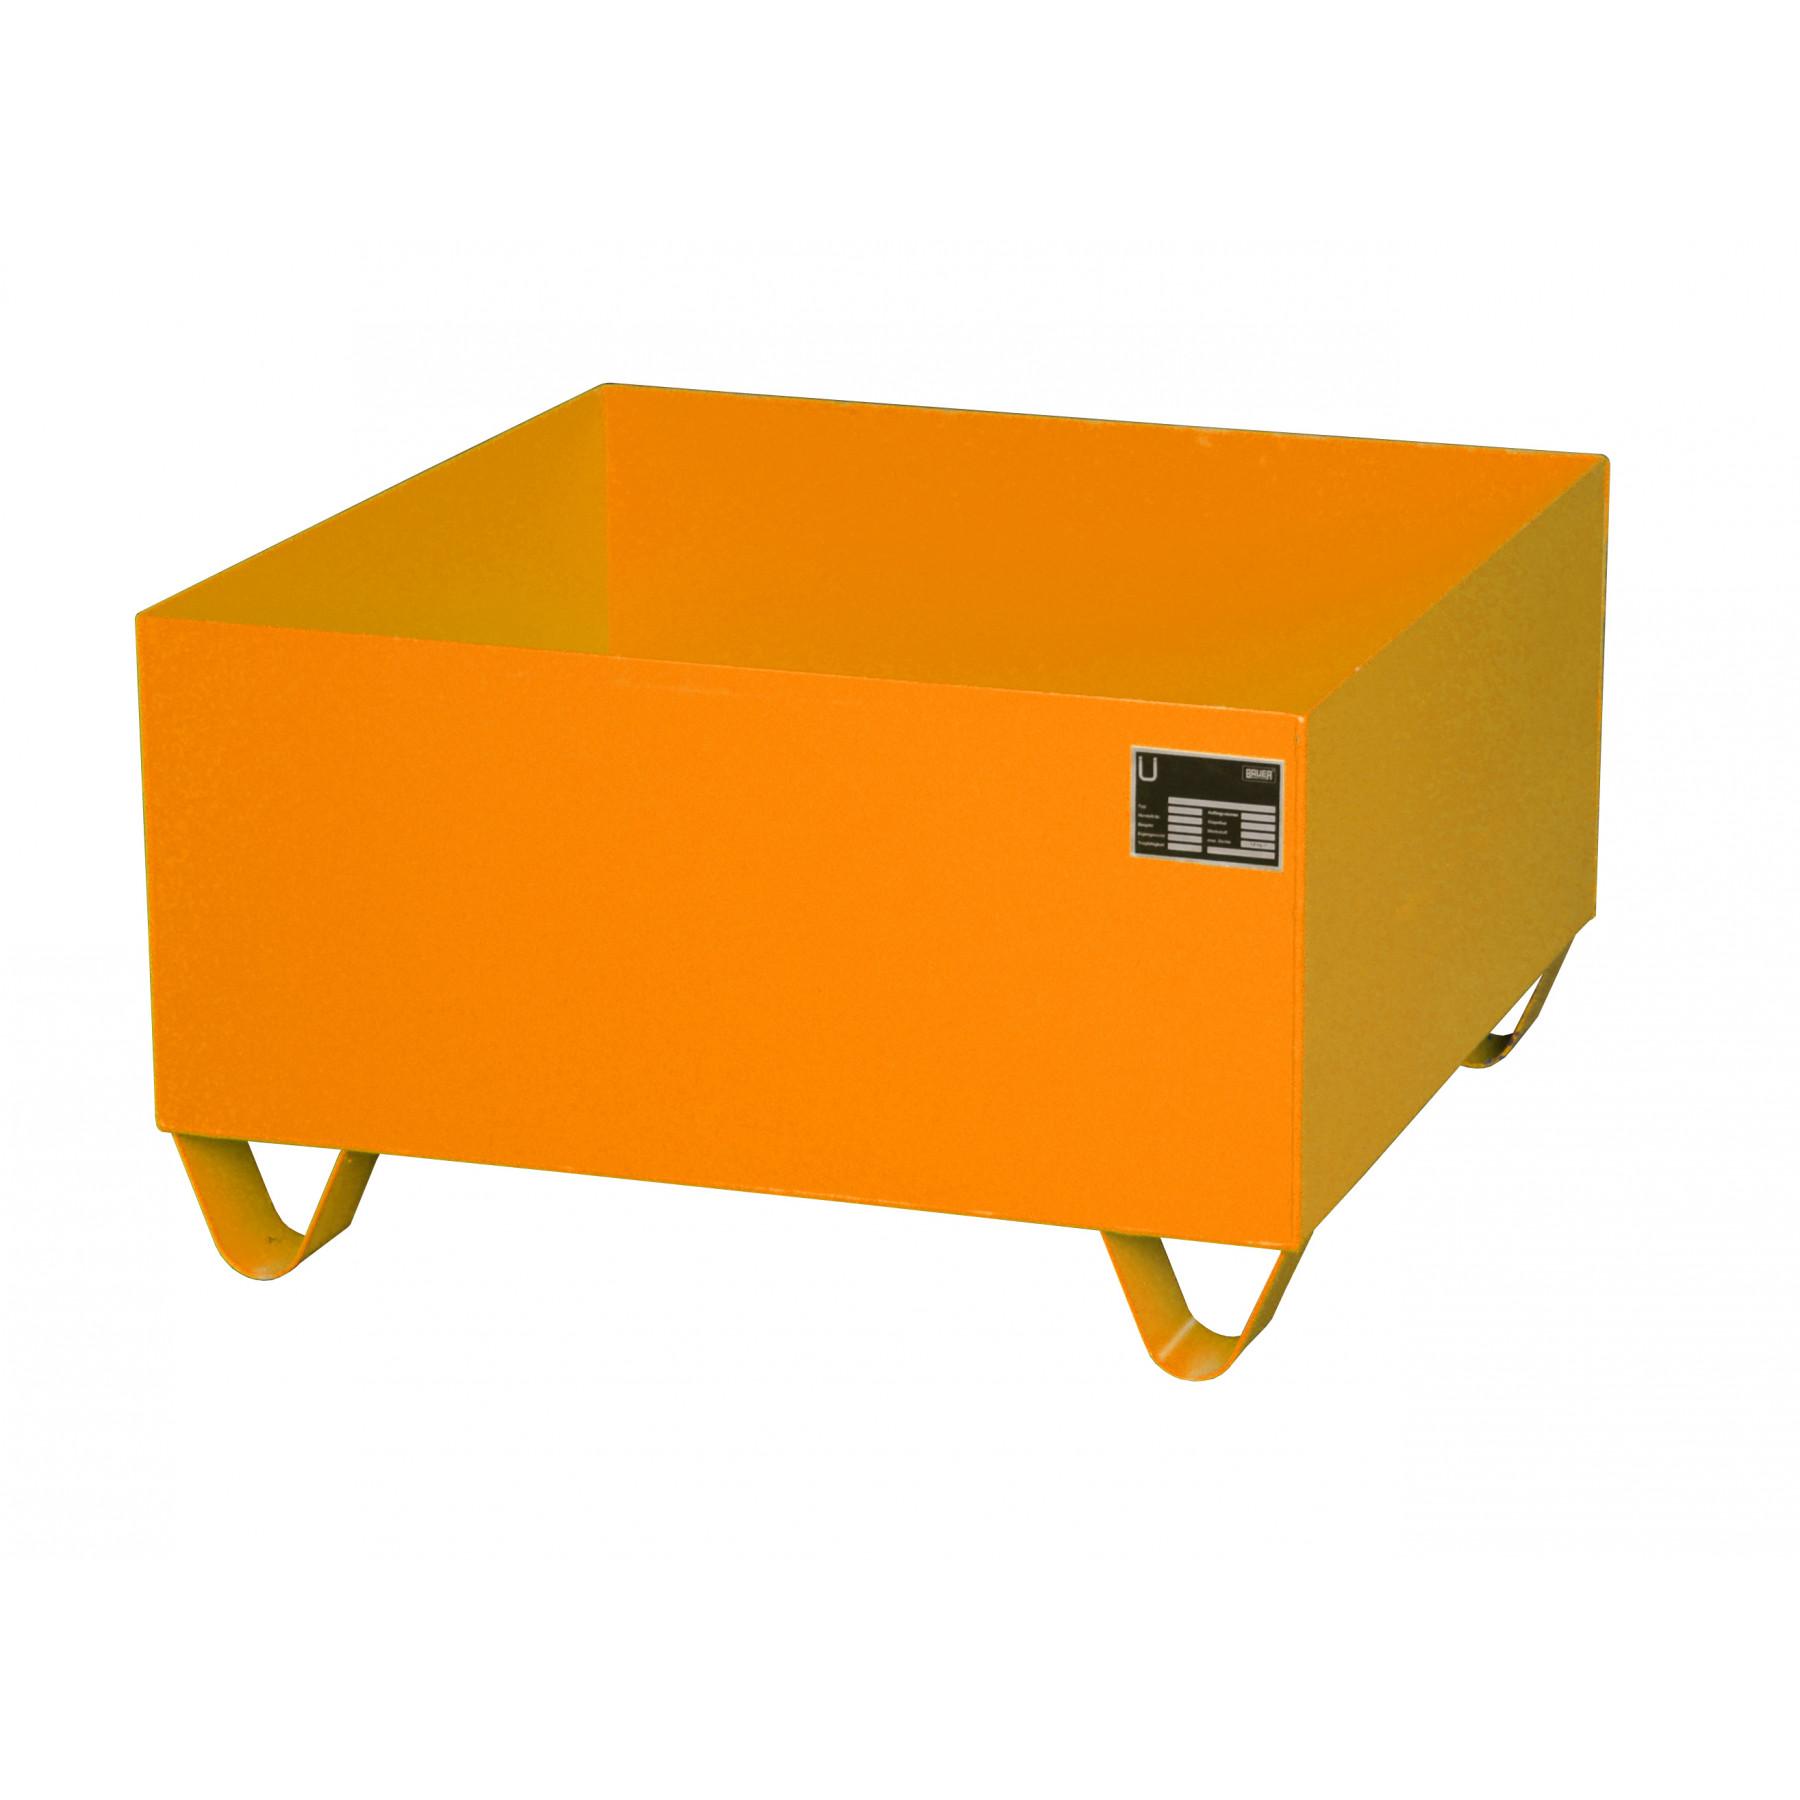 Vloeistofopvangbak voor 1 x 200 liter vat, 70049-2000-2000